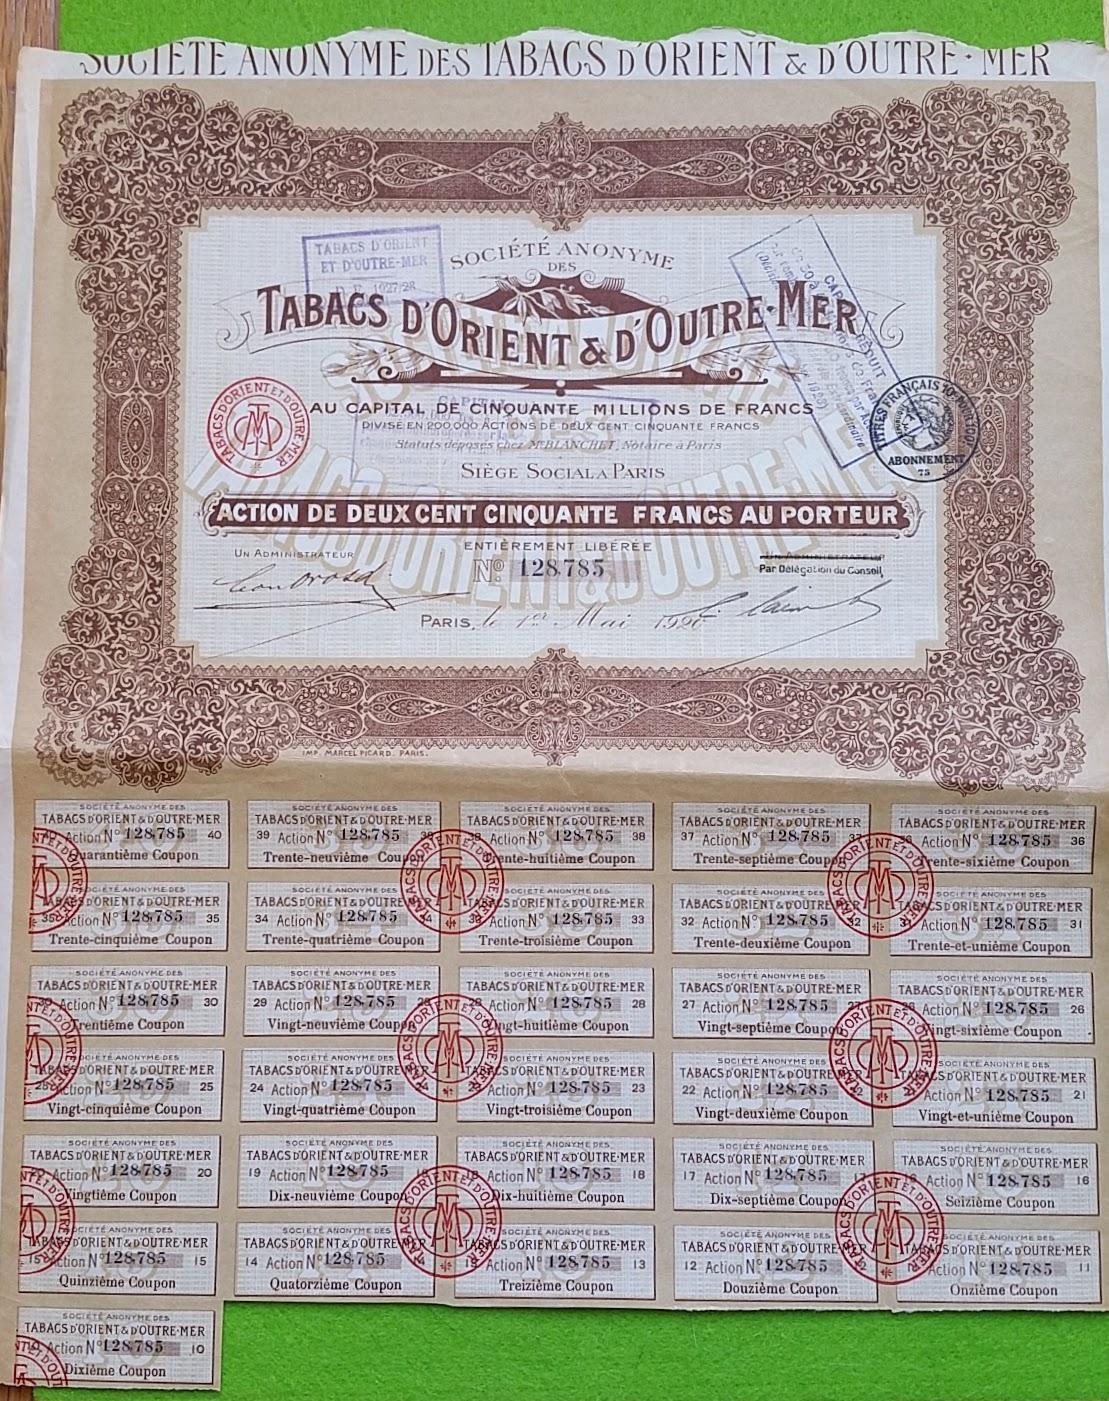 Aktie - 1. Mai 1920 - Société Anonyme des Tabacs d'Orient & d'Outre-Mer